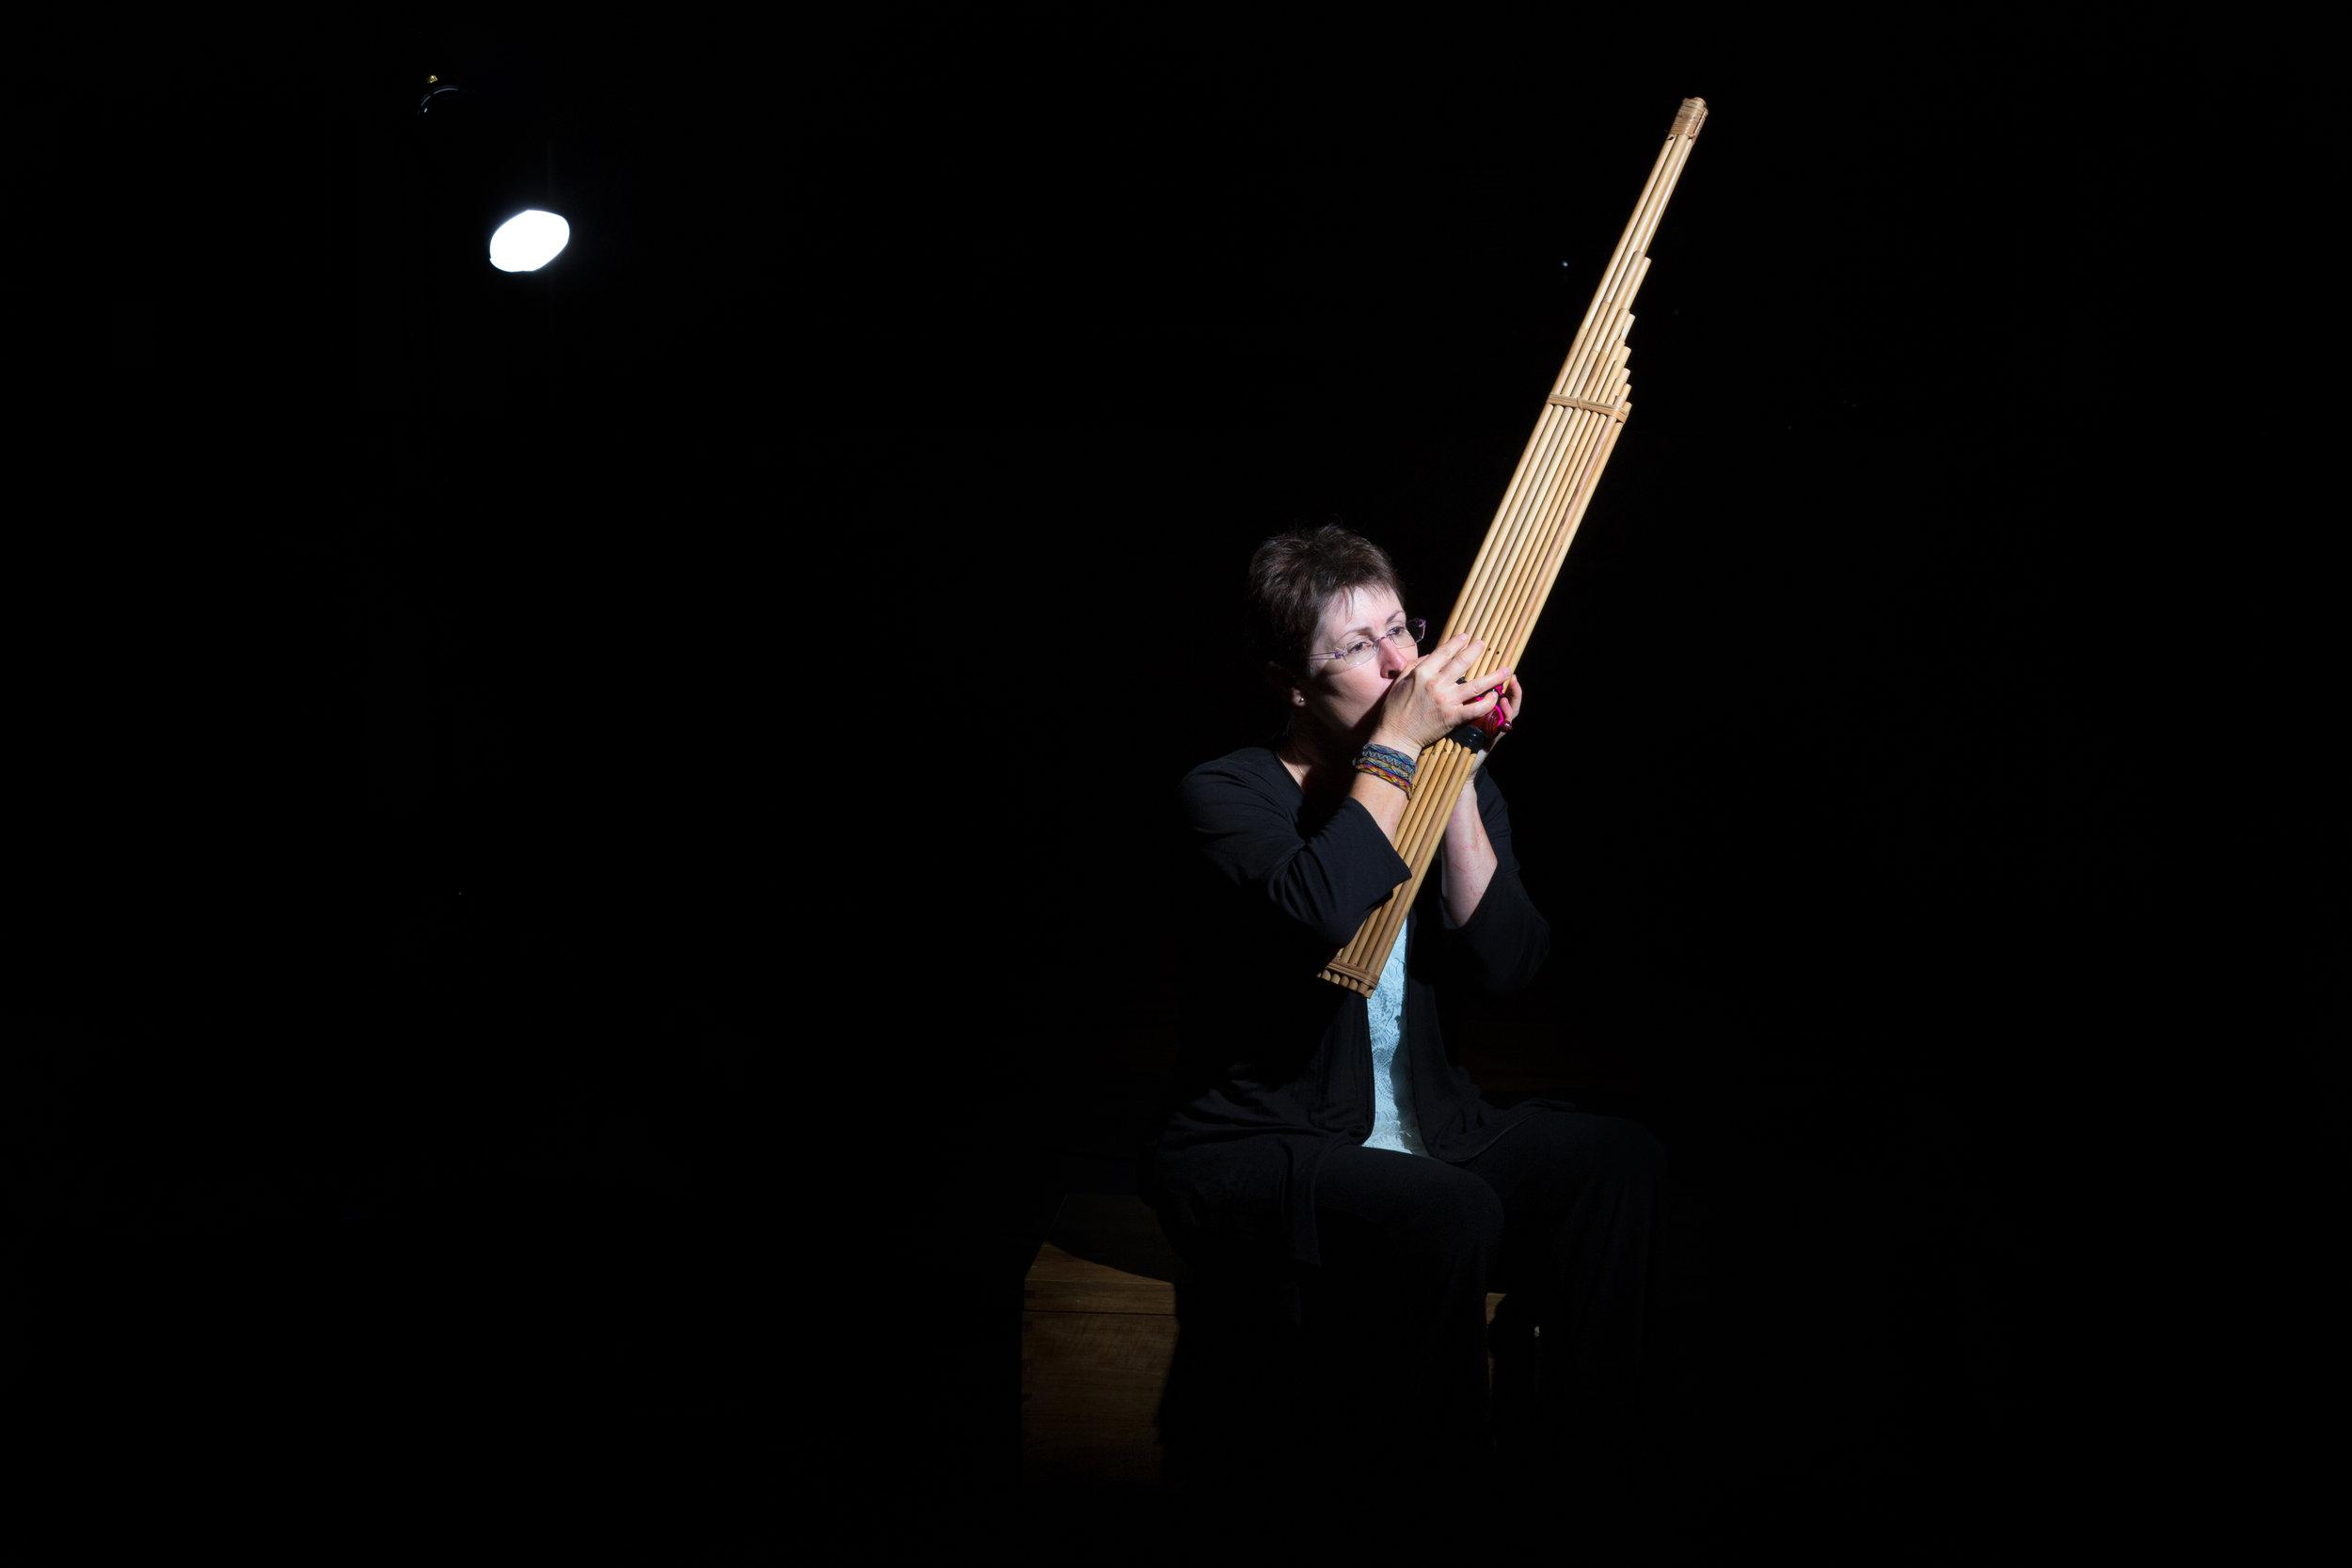 sue moxon multi-instrumentalist